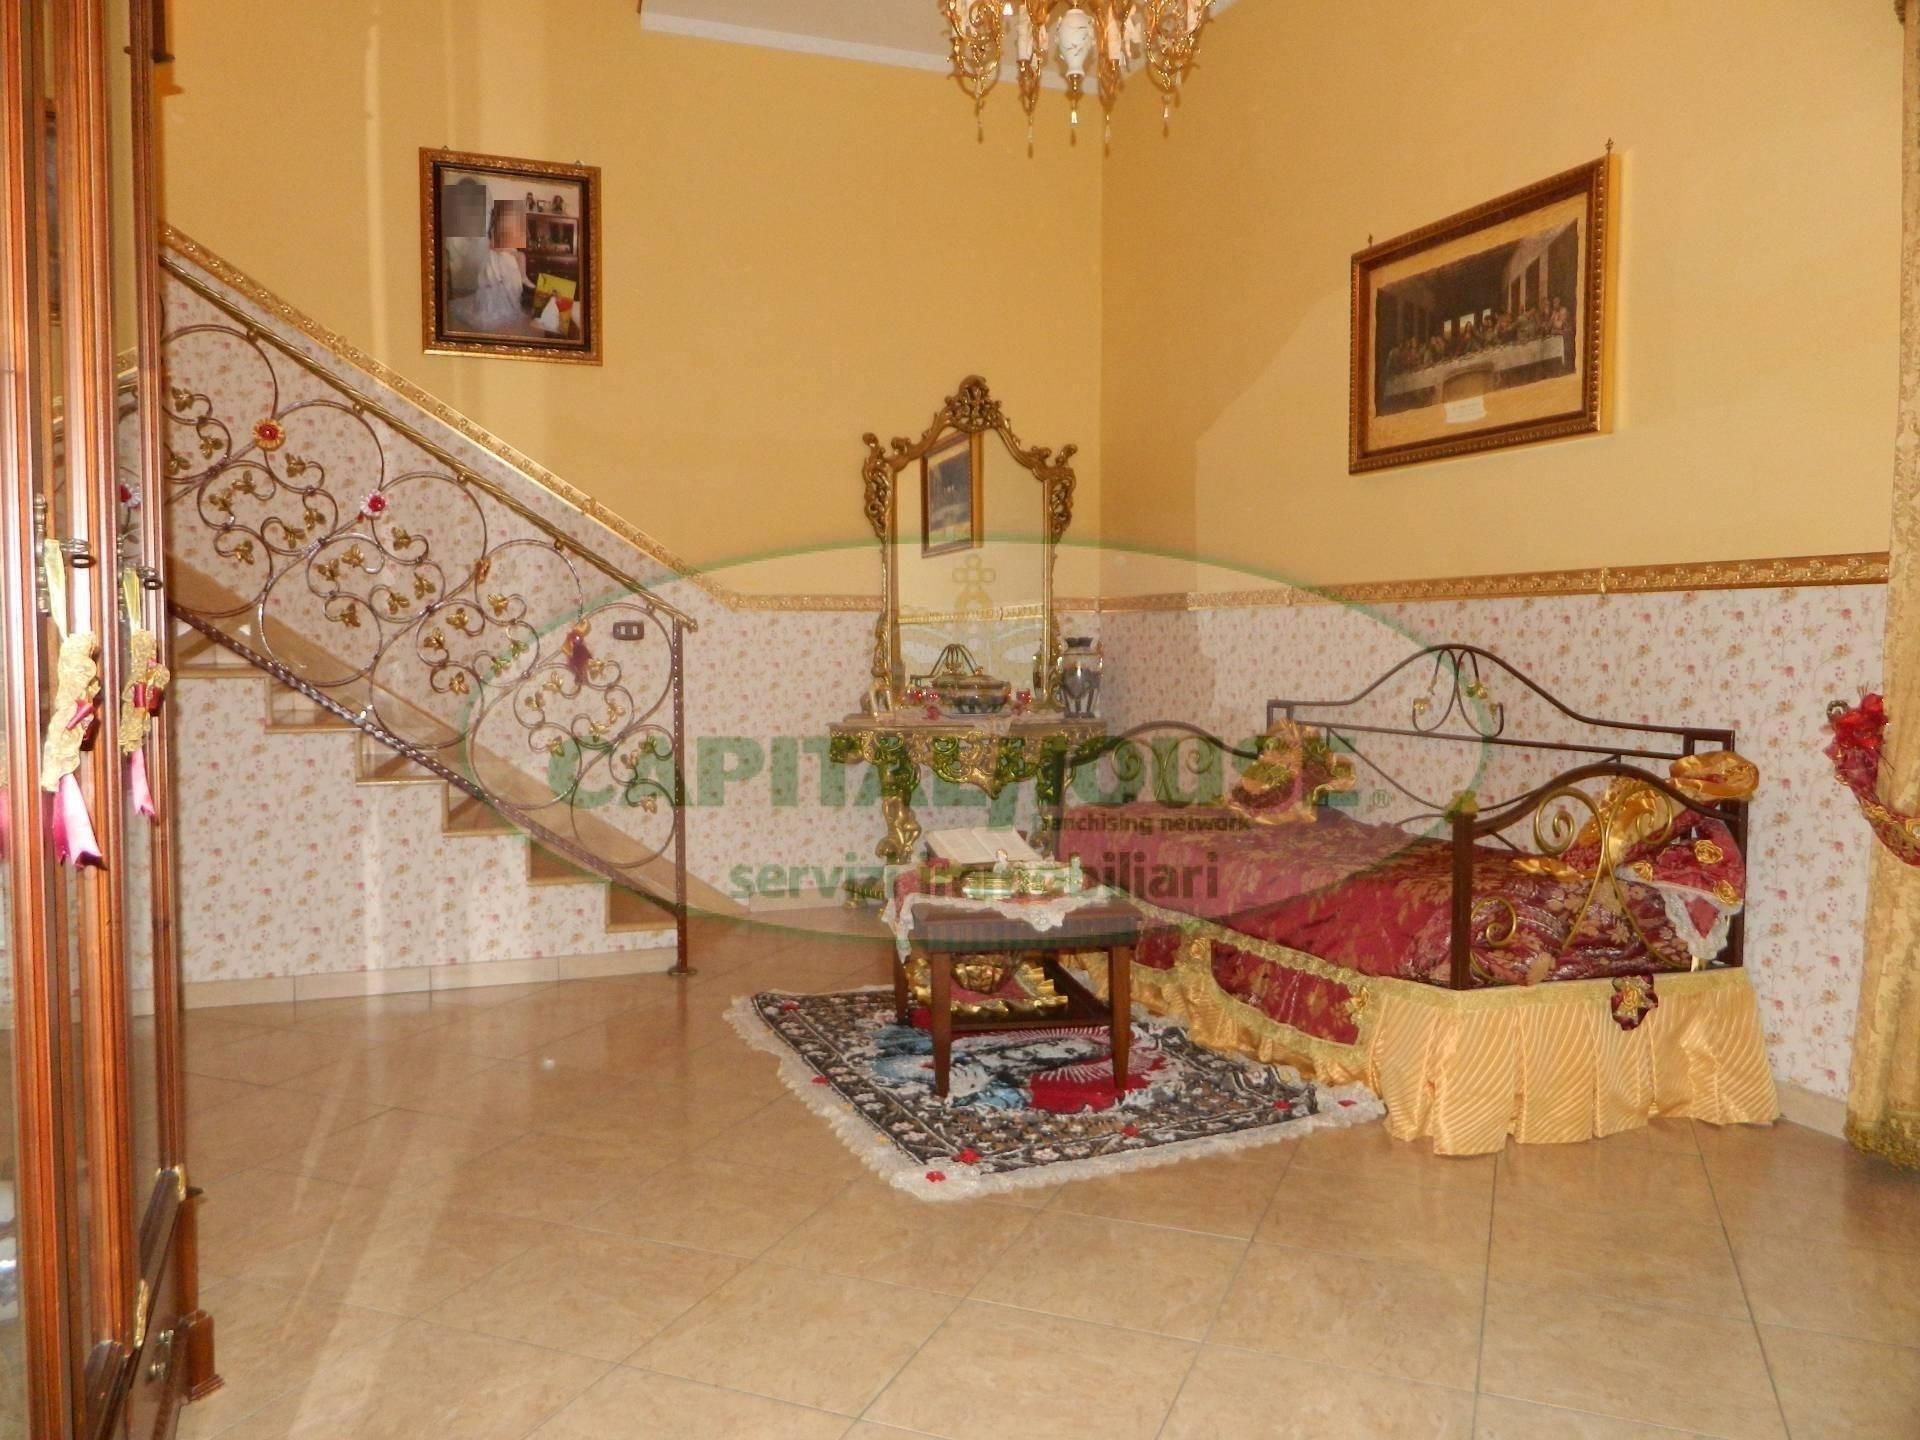 Appartamento in vendita a Afragola, 3 locali, prezzo € 95.000 | CambioCasa.it